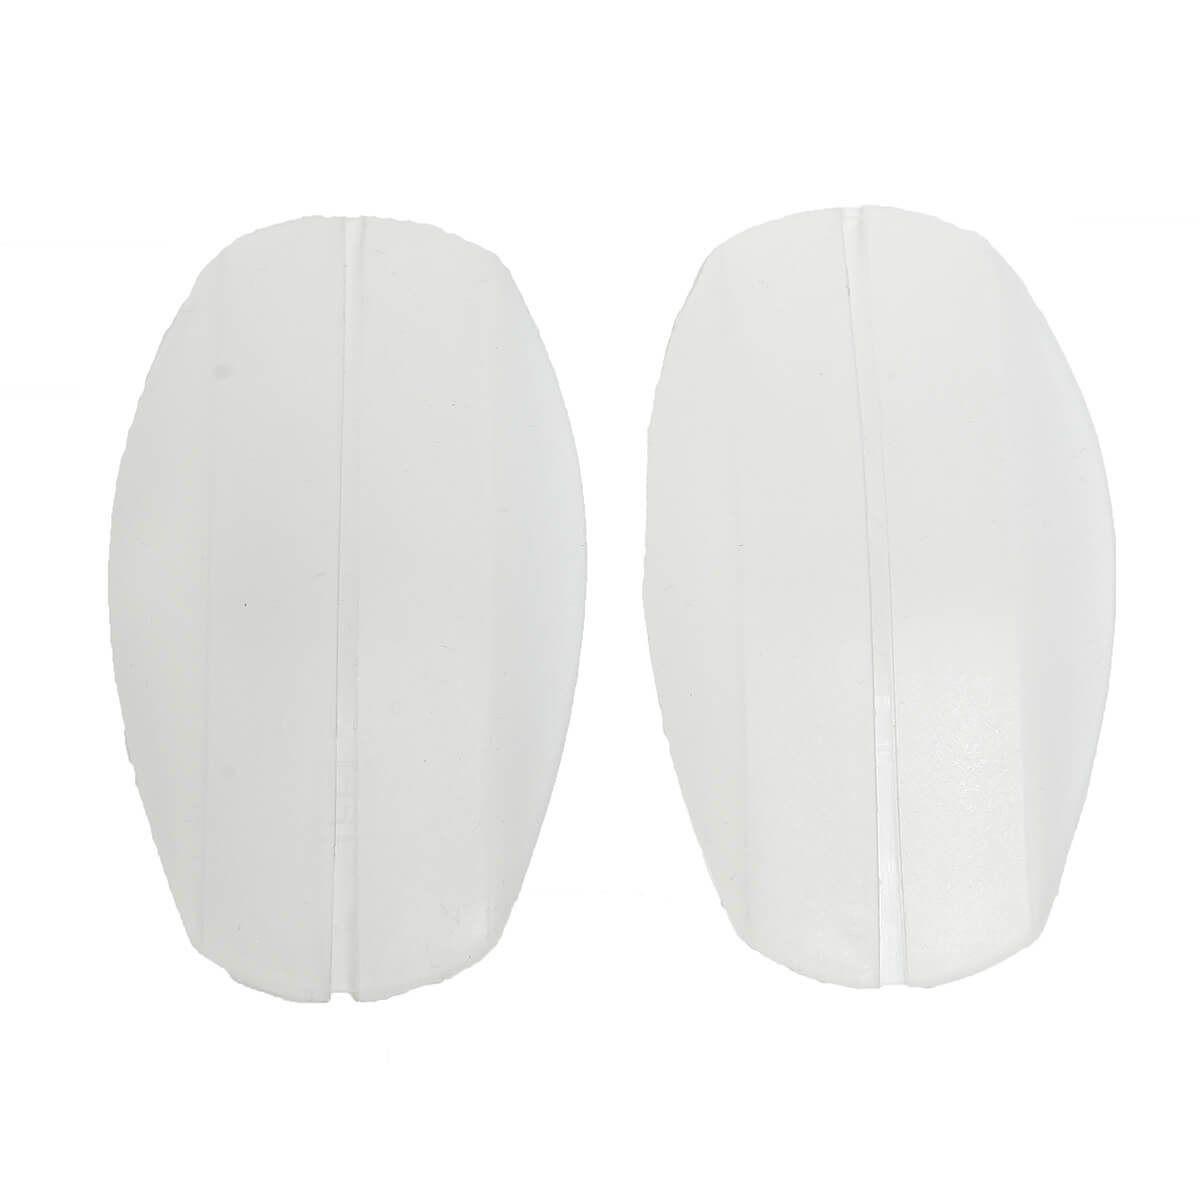 Miss Perfect BH-Träger »W2G400023456710«, Trägerpolster Komfort Baumwolle oder Silikon in Schwarz Weiß Haut Transparent, auch als Set, Transparent